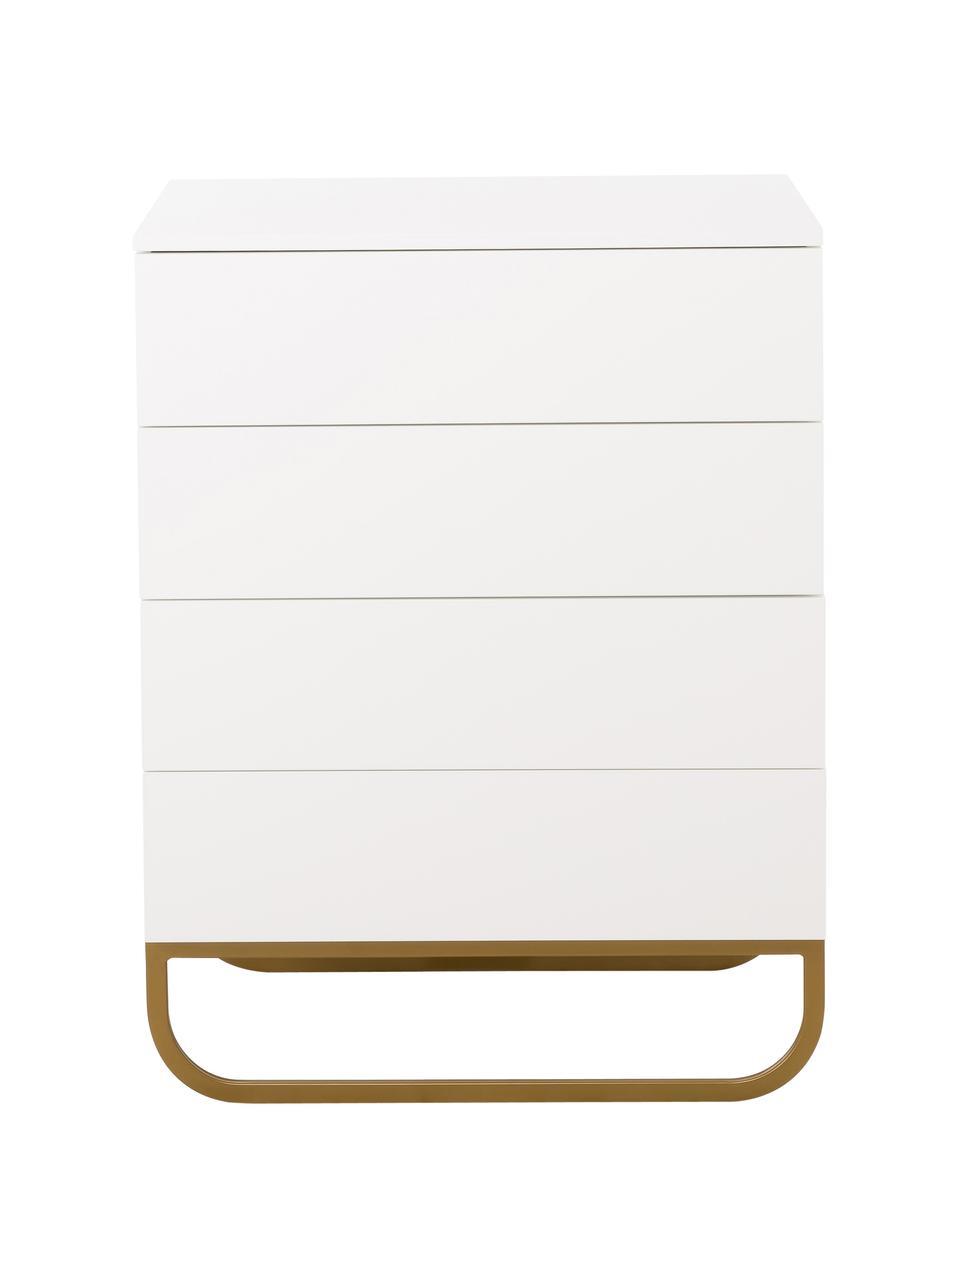 Commode blanche avec tiroirs Sanford, Corps: blanc, mat Structure des pieds: couleur dorée, mat